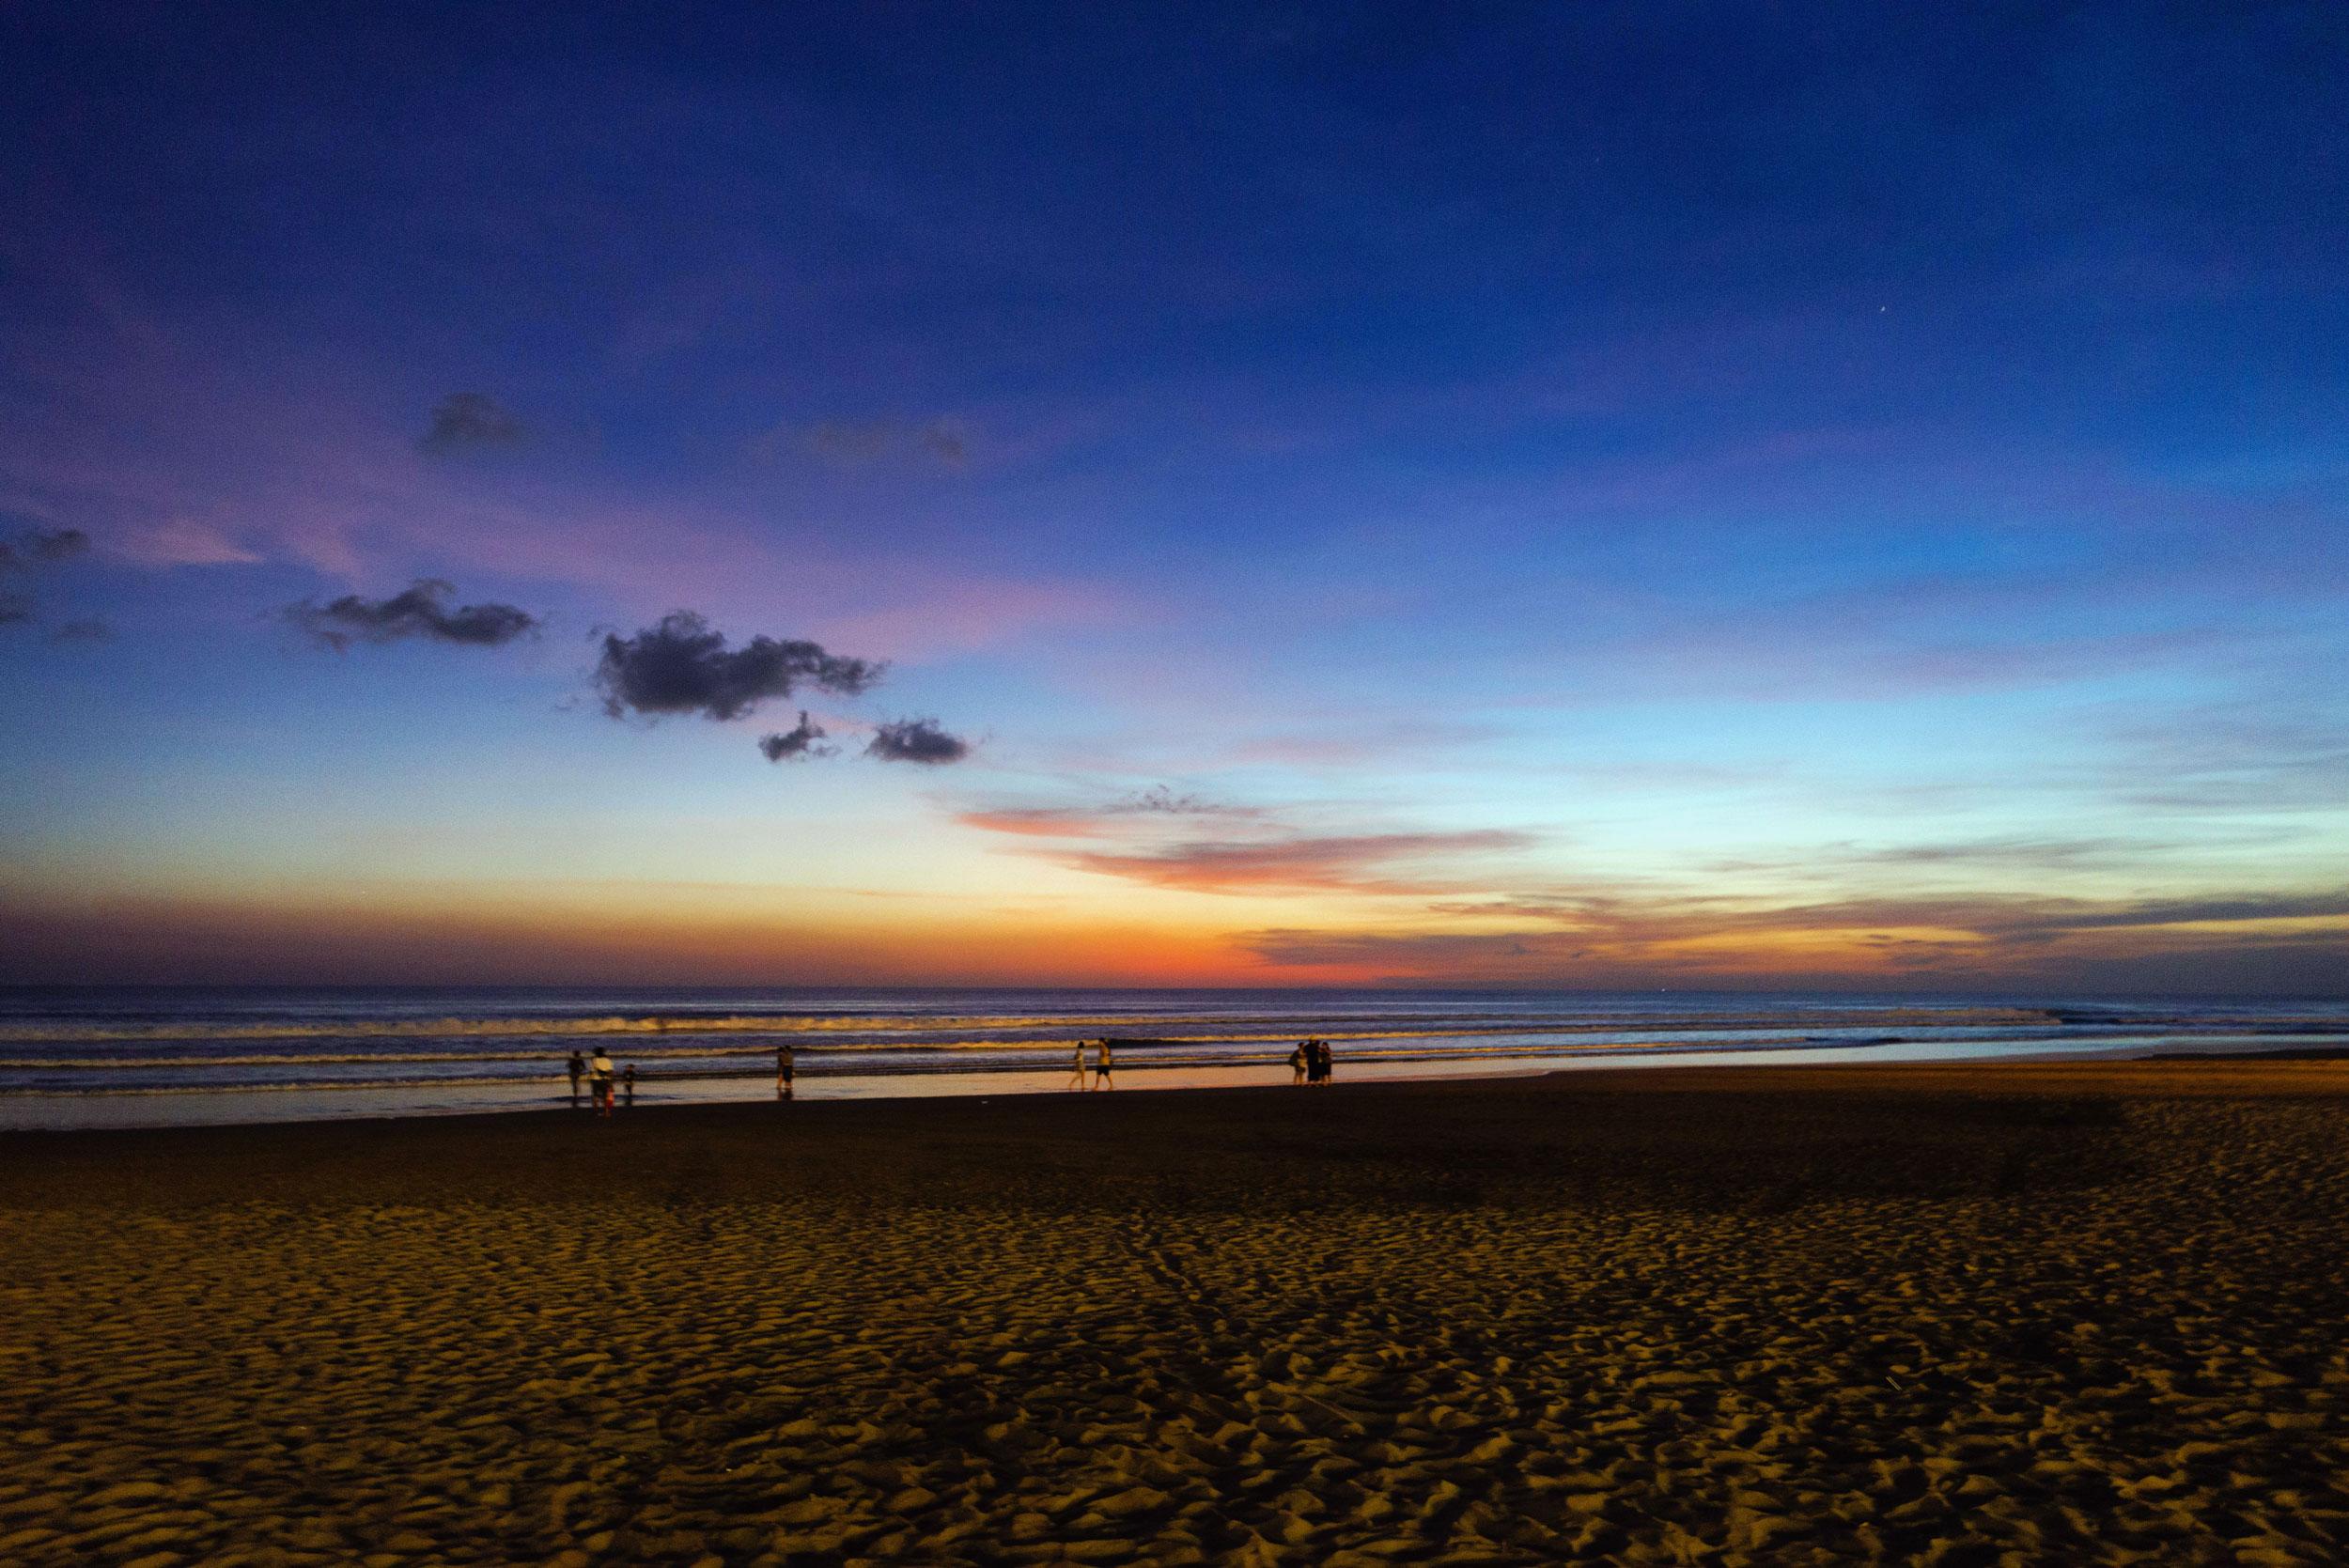 Sunset in Seminyak, Bali